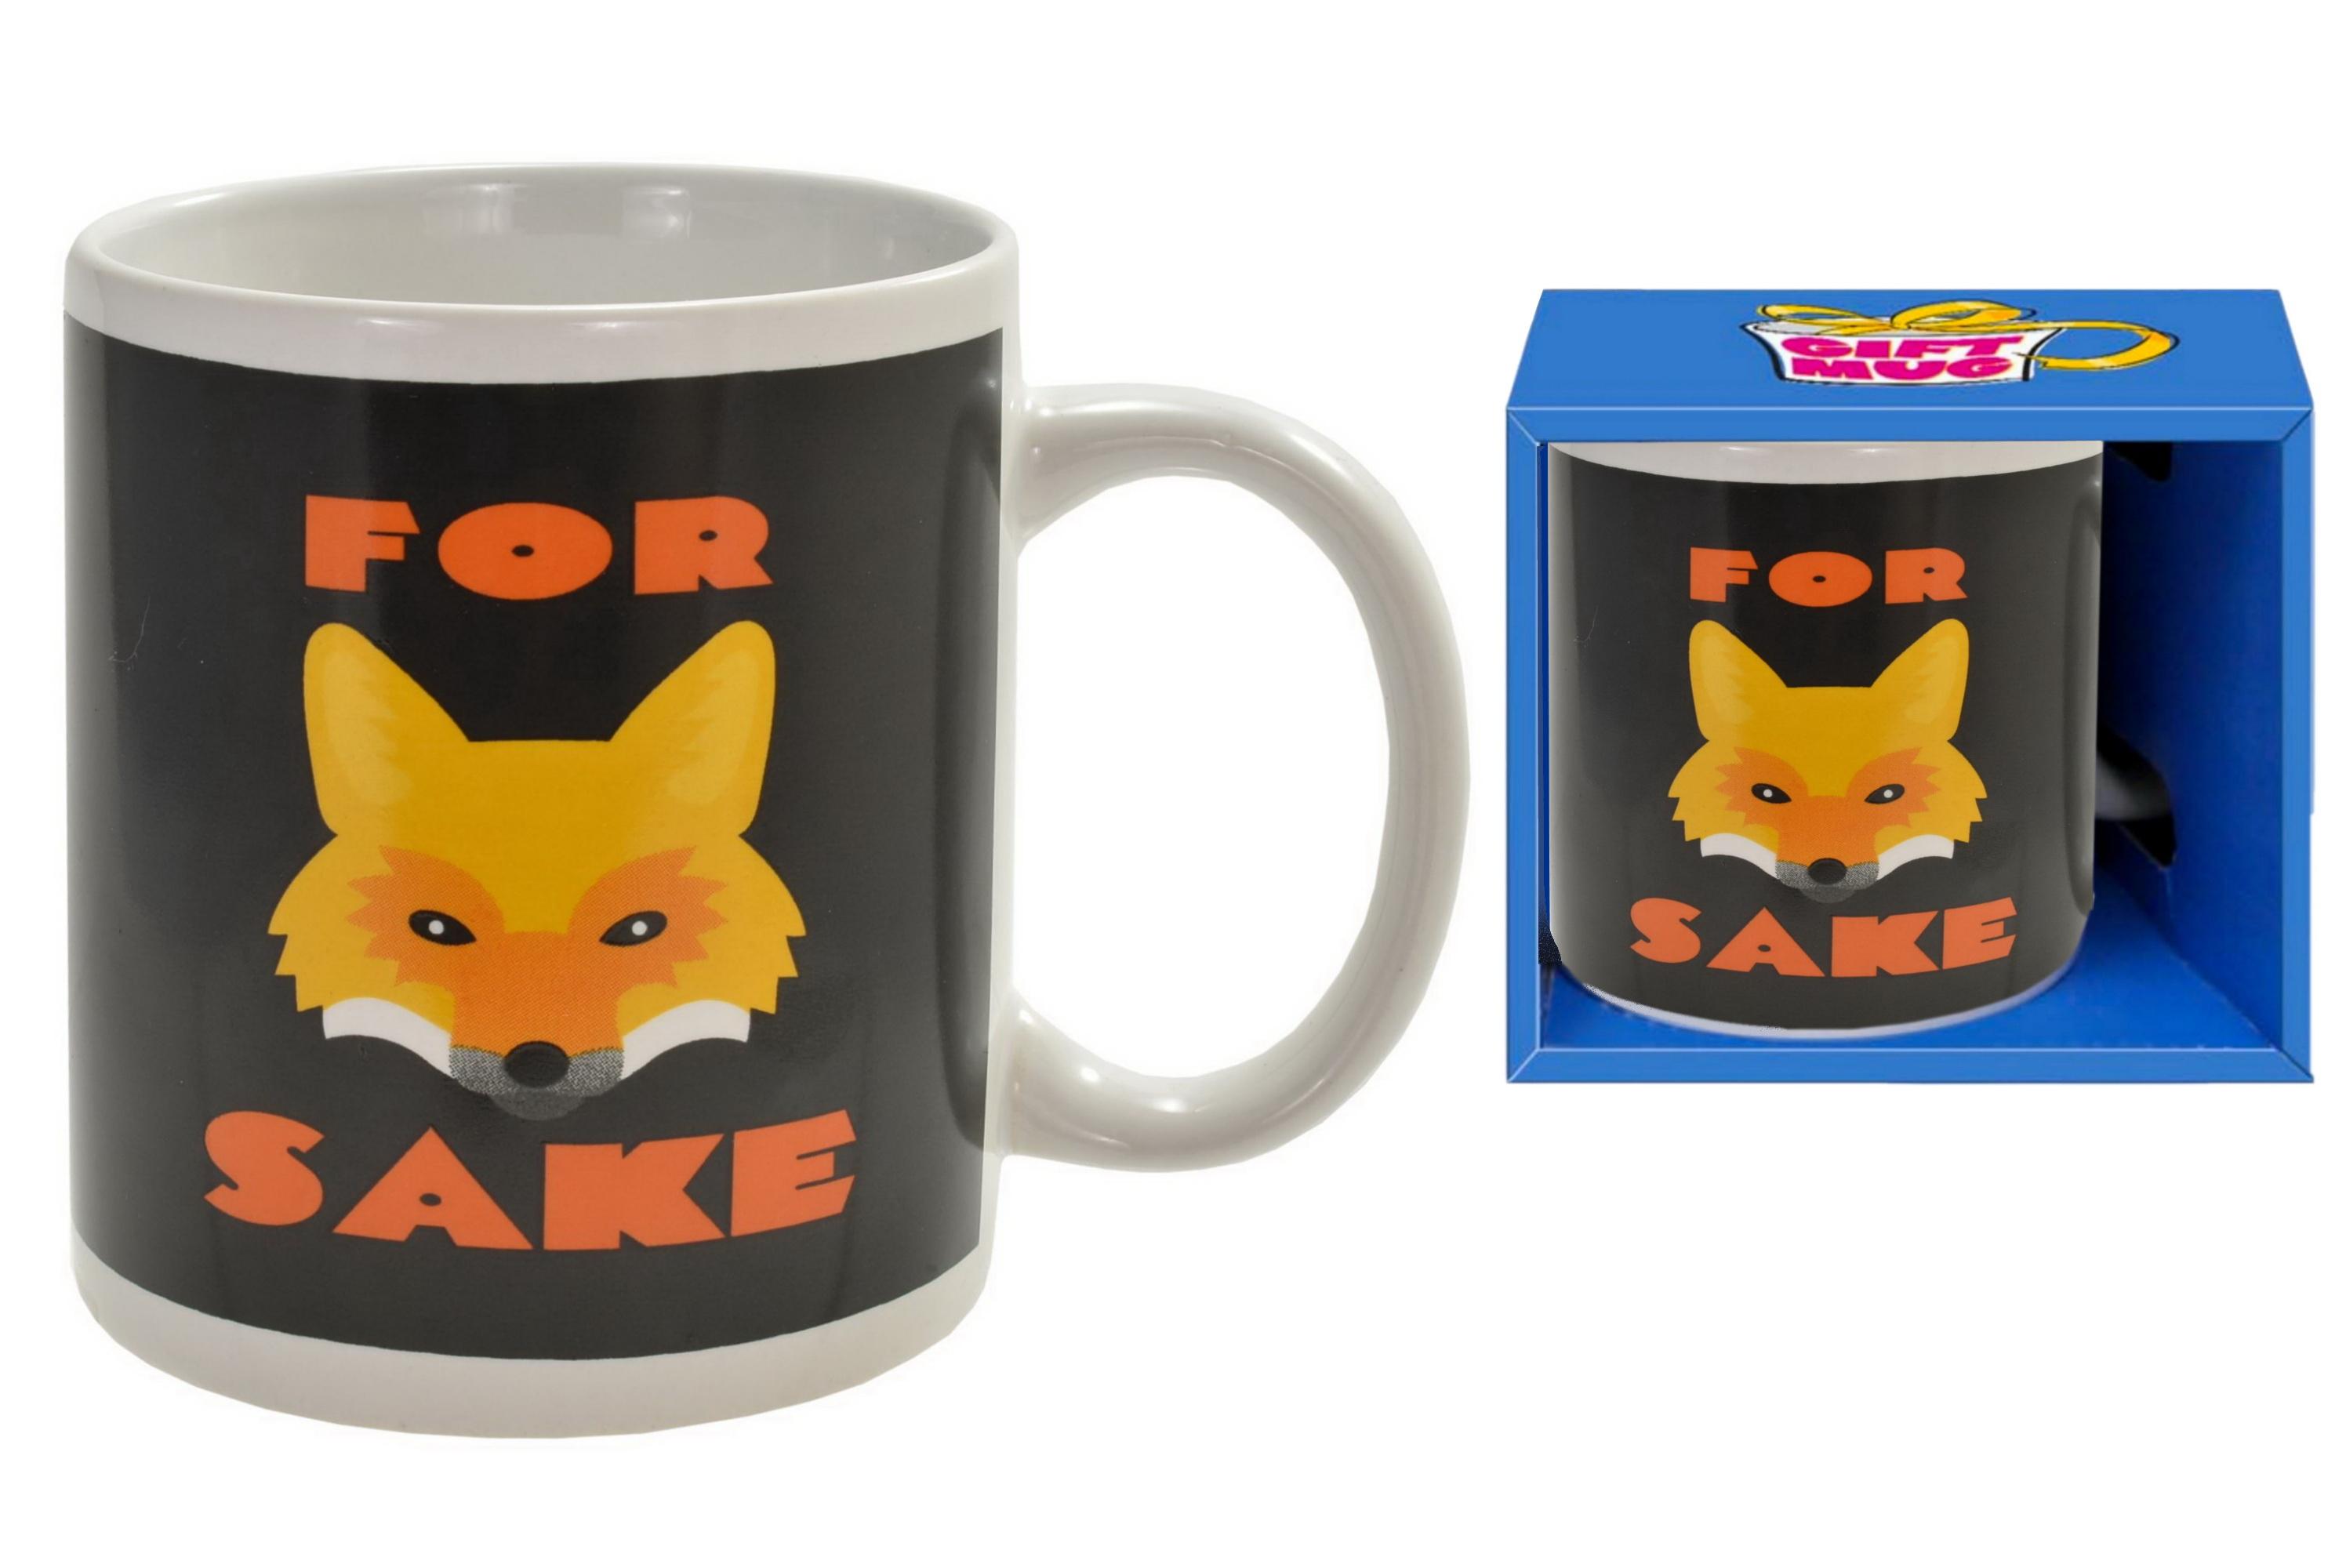 Fox Sake Mug In Gift Box